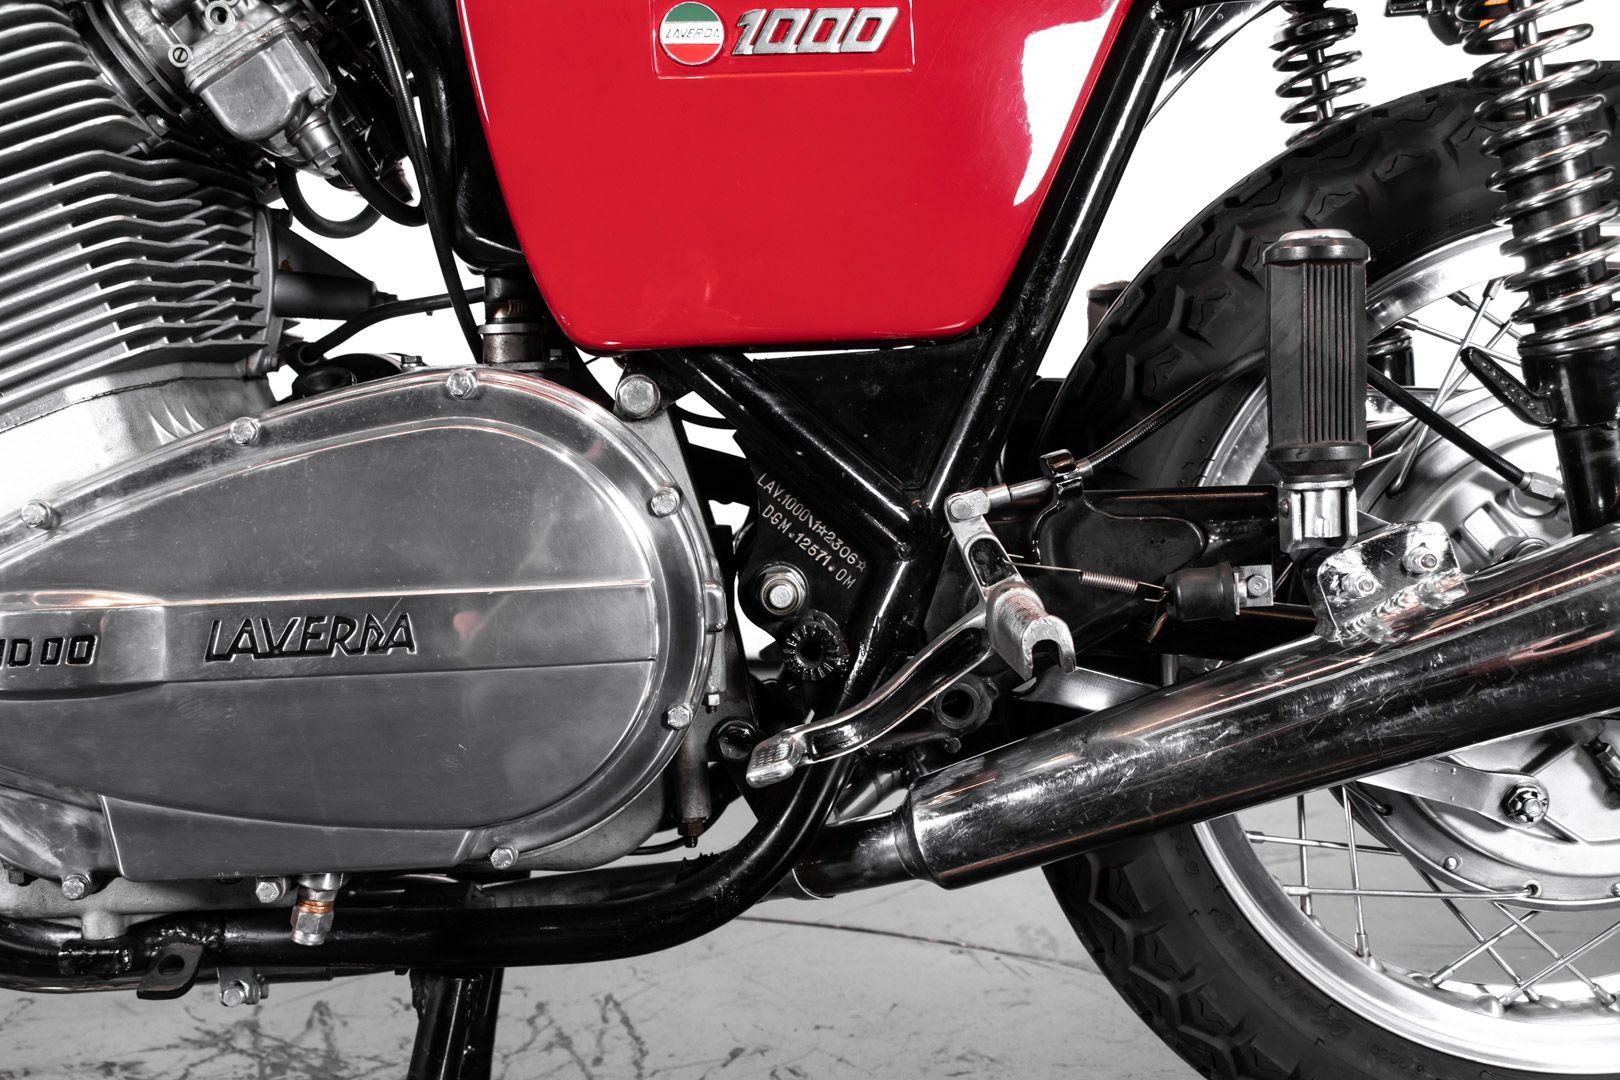 1975 Laverda 1000 83418